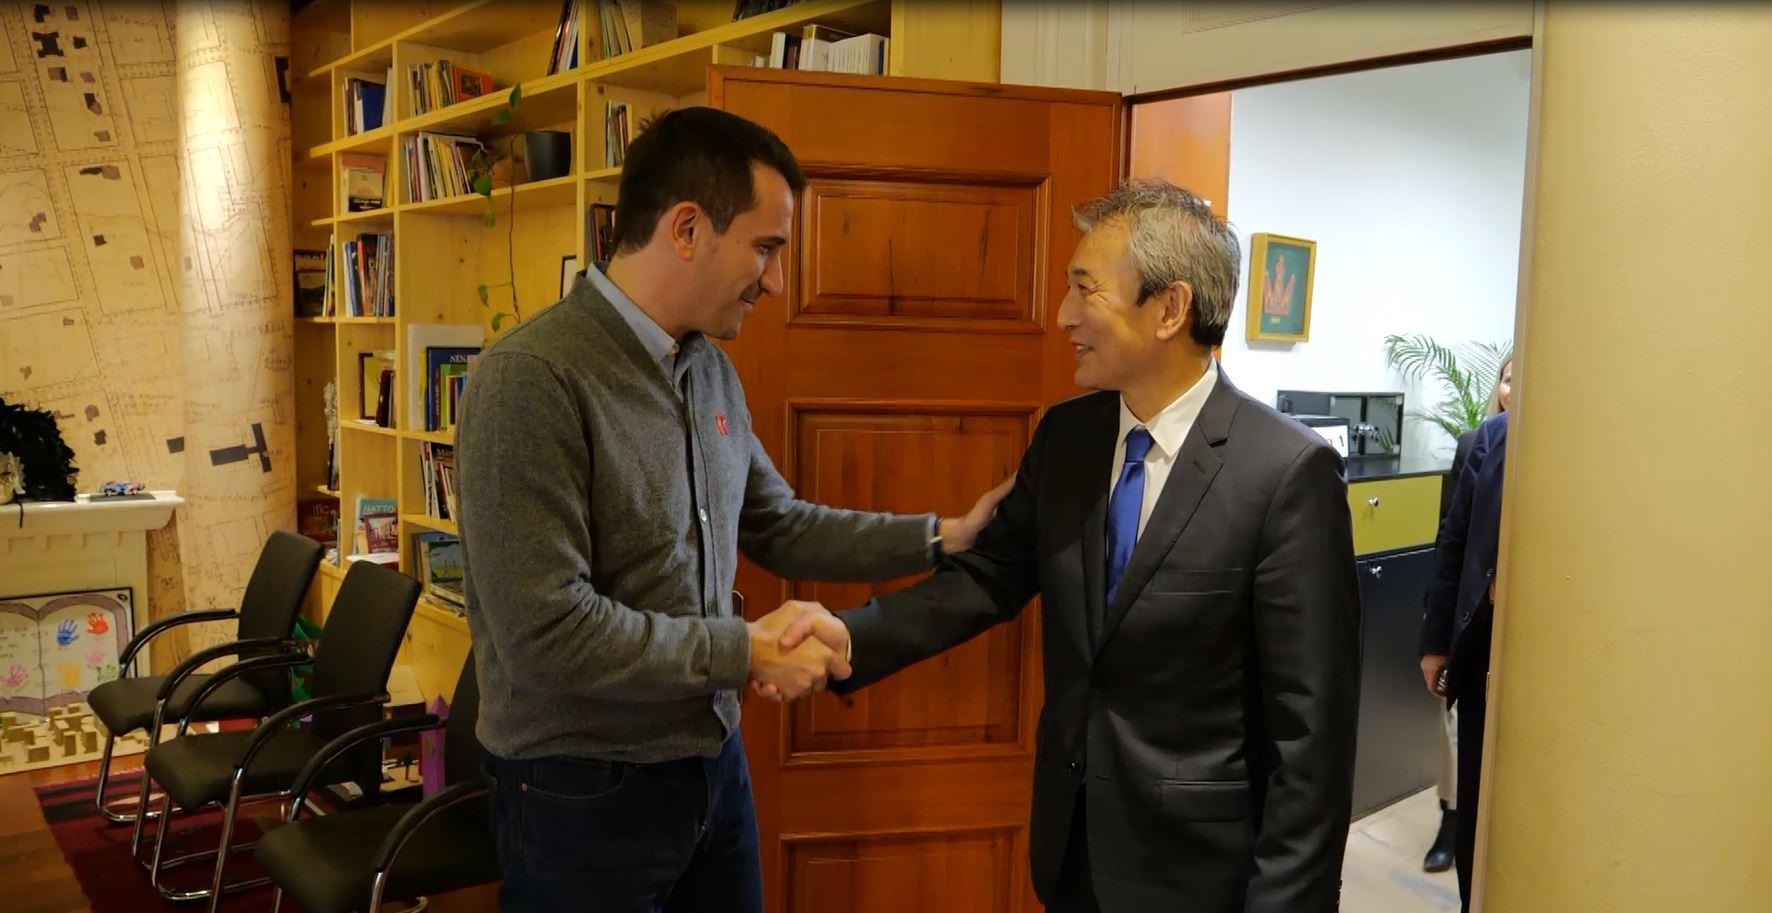 Bashkia e Tiranës dhe Ambasada e Japonisë projekt për pastrimin e parqeve